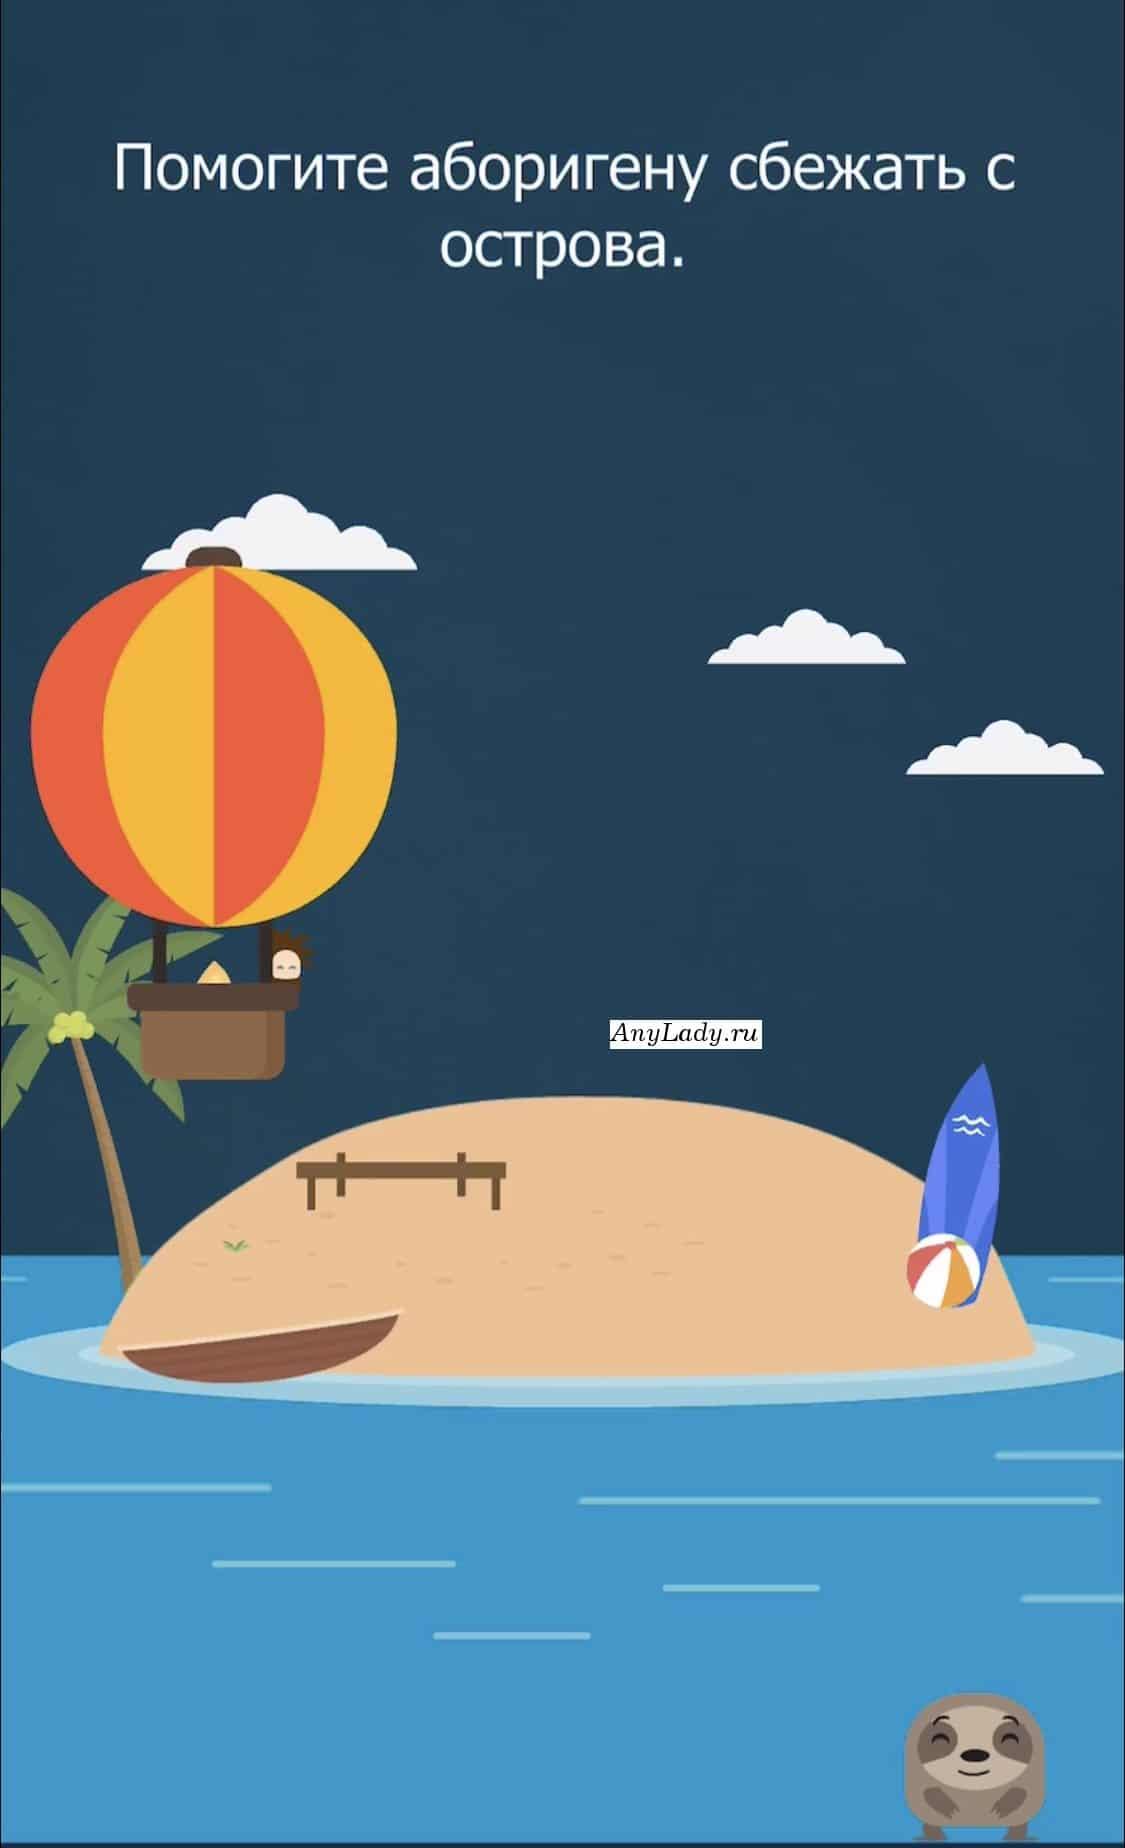 На острове есть воздушный шар, поместите в него: огонь и аборигена. Двумя пальцами увеличьте шар и абориген улетит с острова.